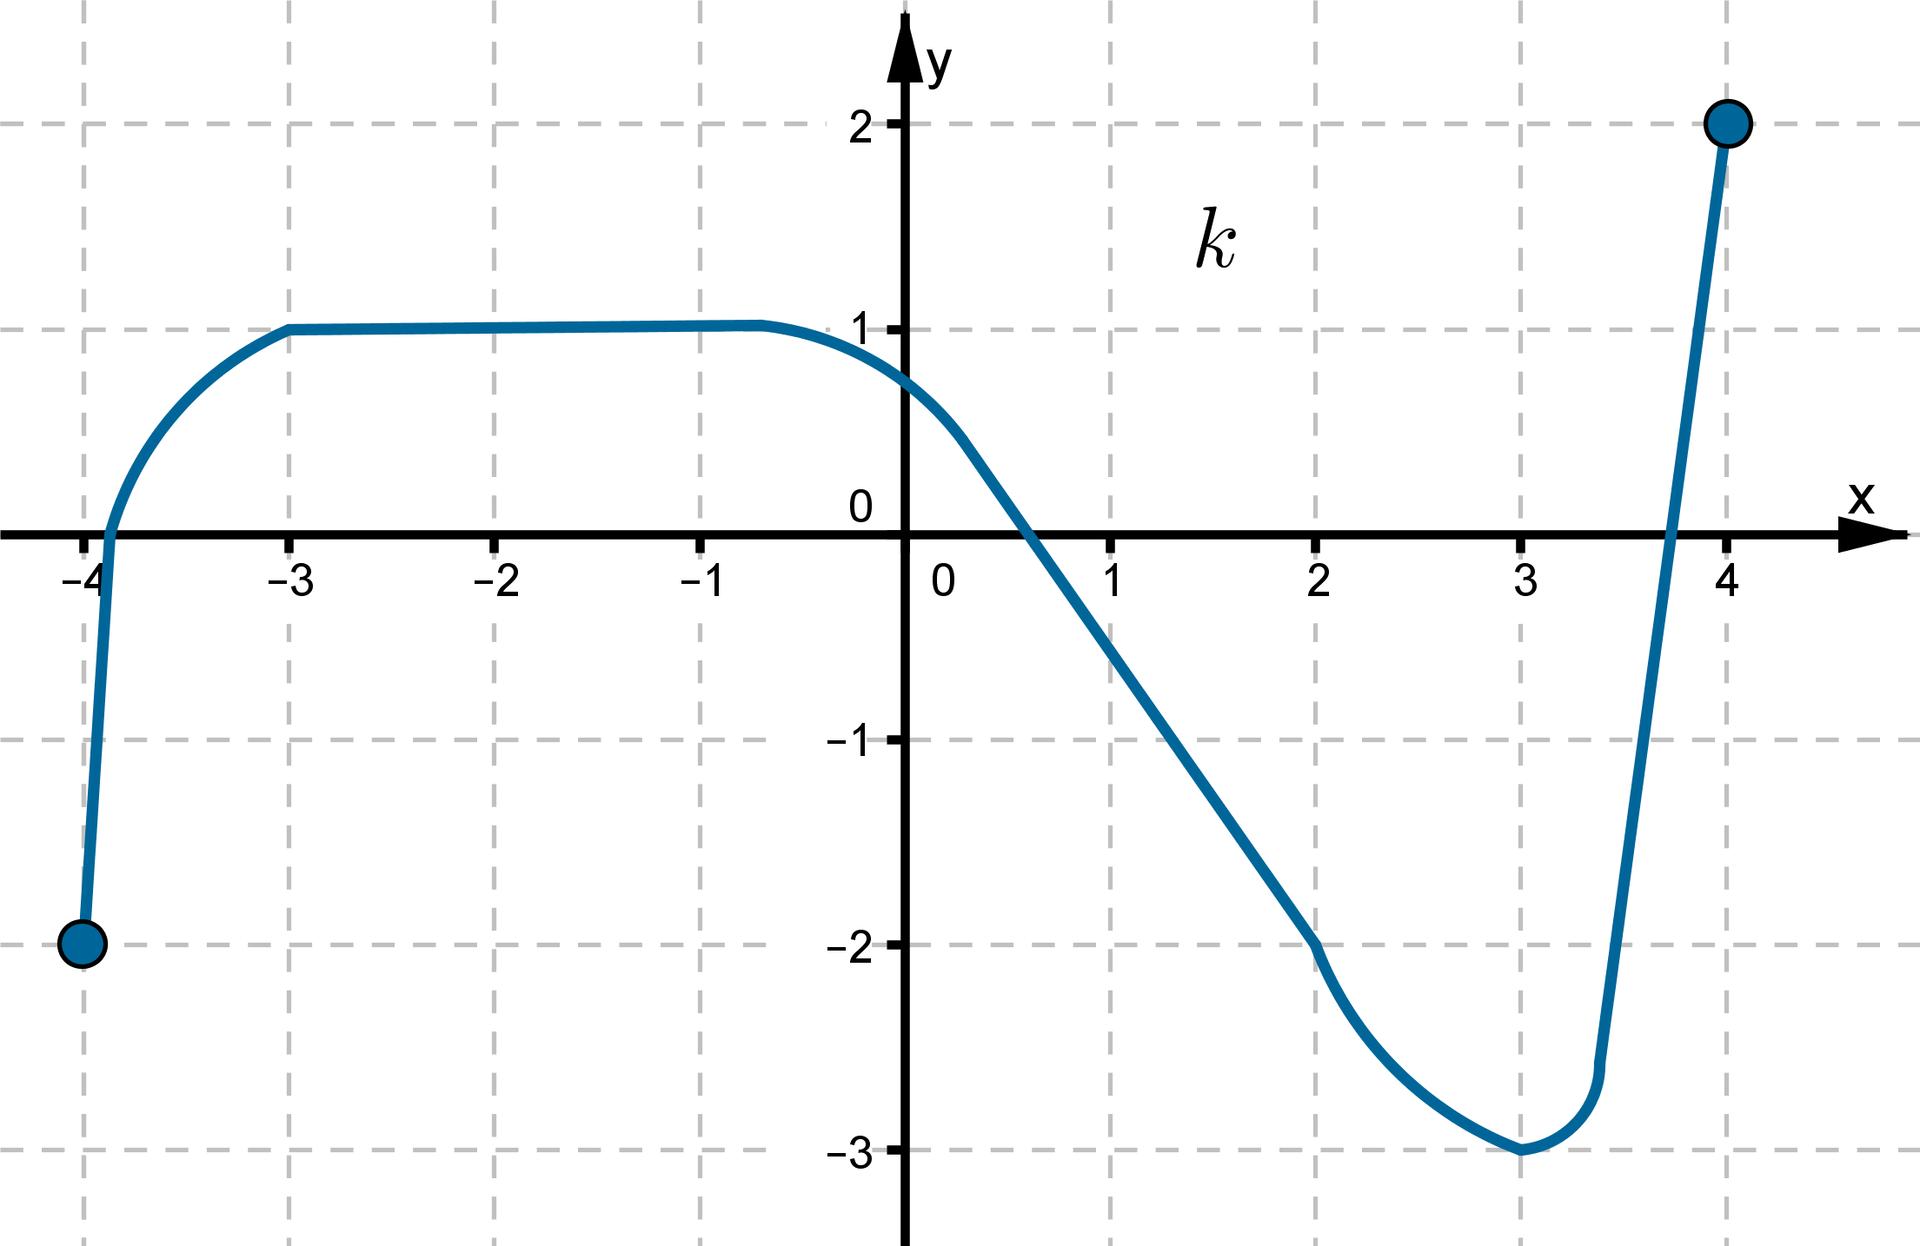 Wykres funkcji wpostaci krzywej leżącej wpierwszej, drugiej, trzeciej iczwartej ćwiartce układu współrzędnych.